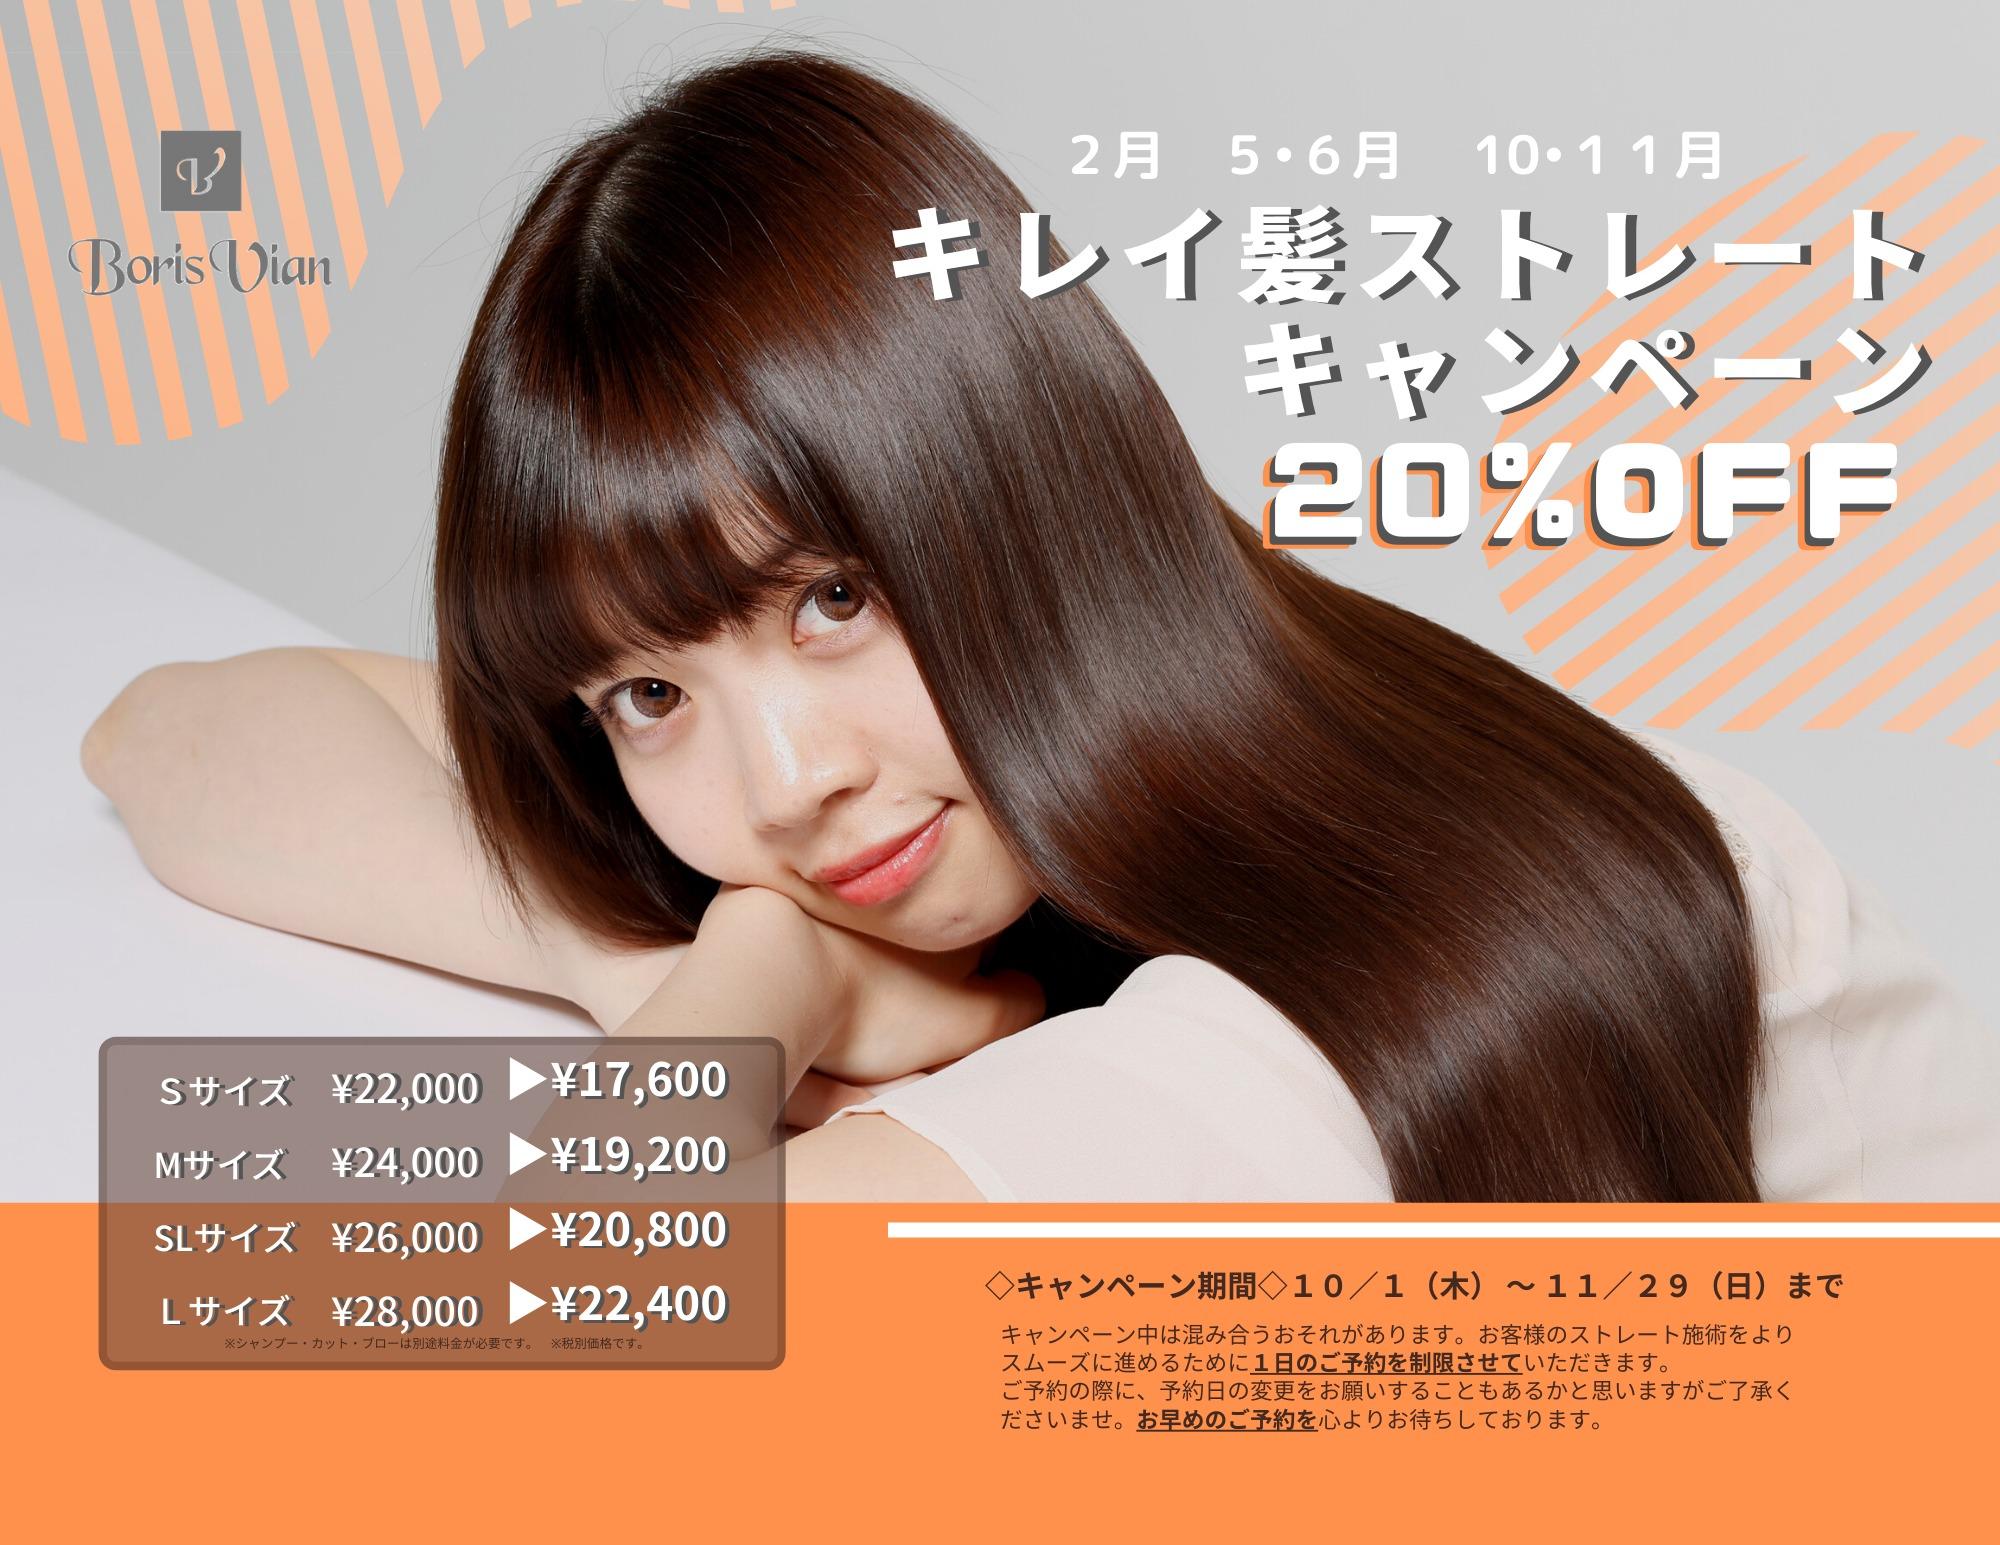 10・11月キレイ髪ストレートキャンペーン